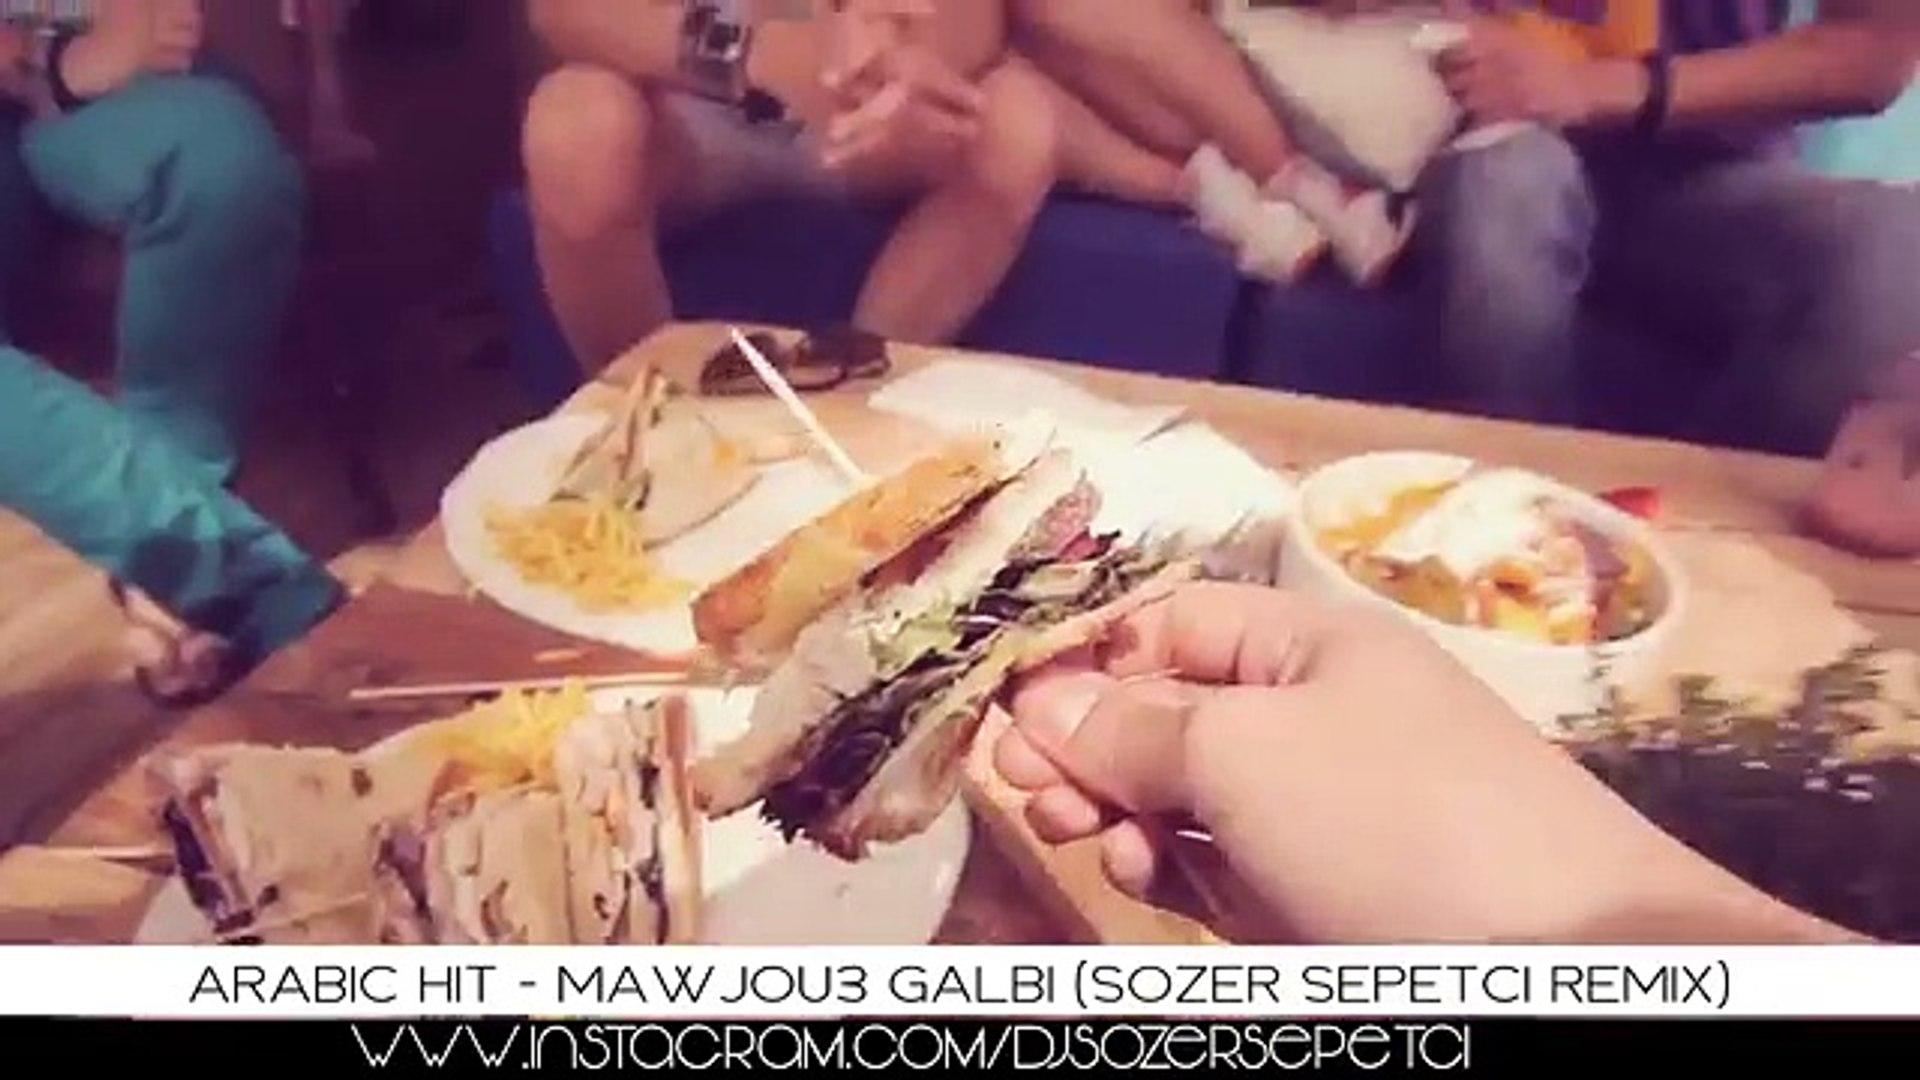 Arabic Remix - Mawjou3 Galbi (Sözer Sepetci Remix)